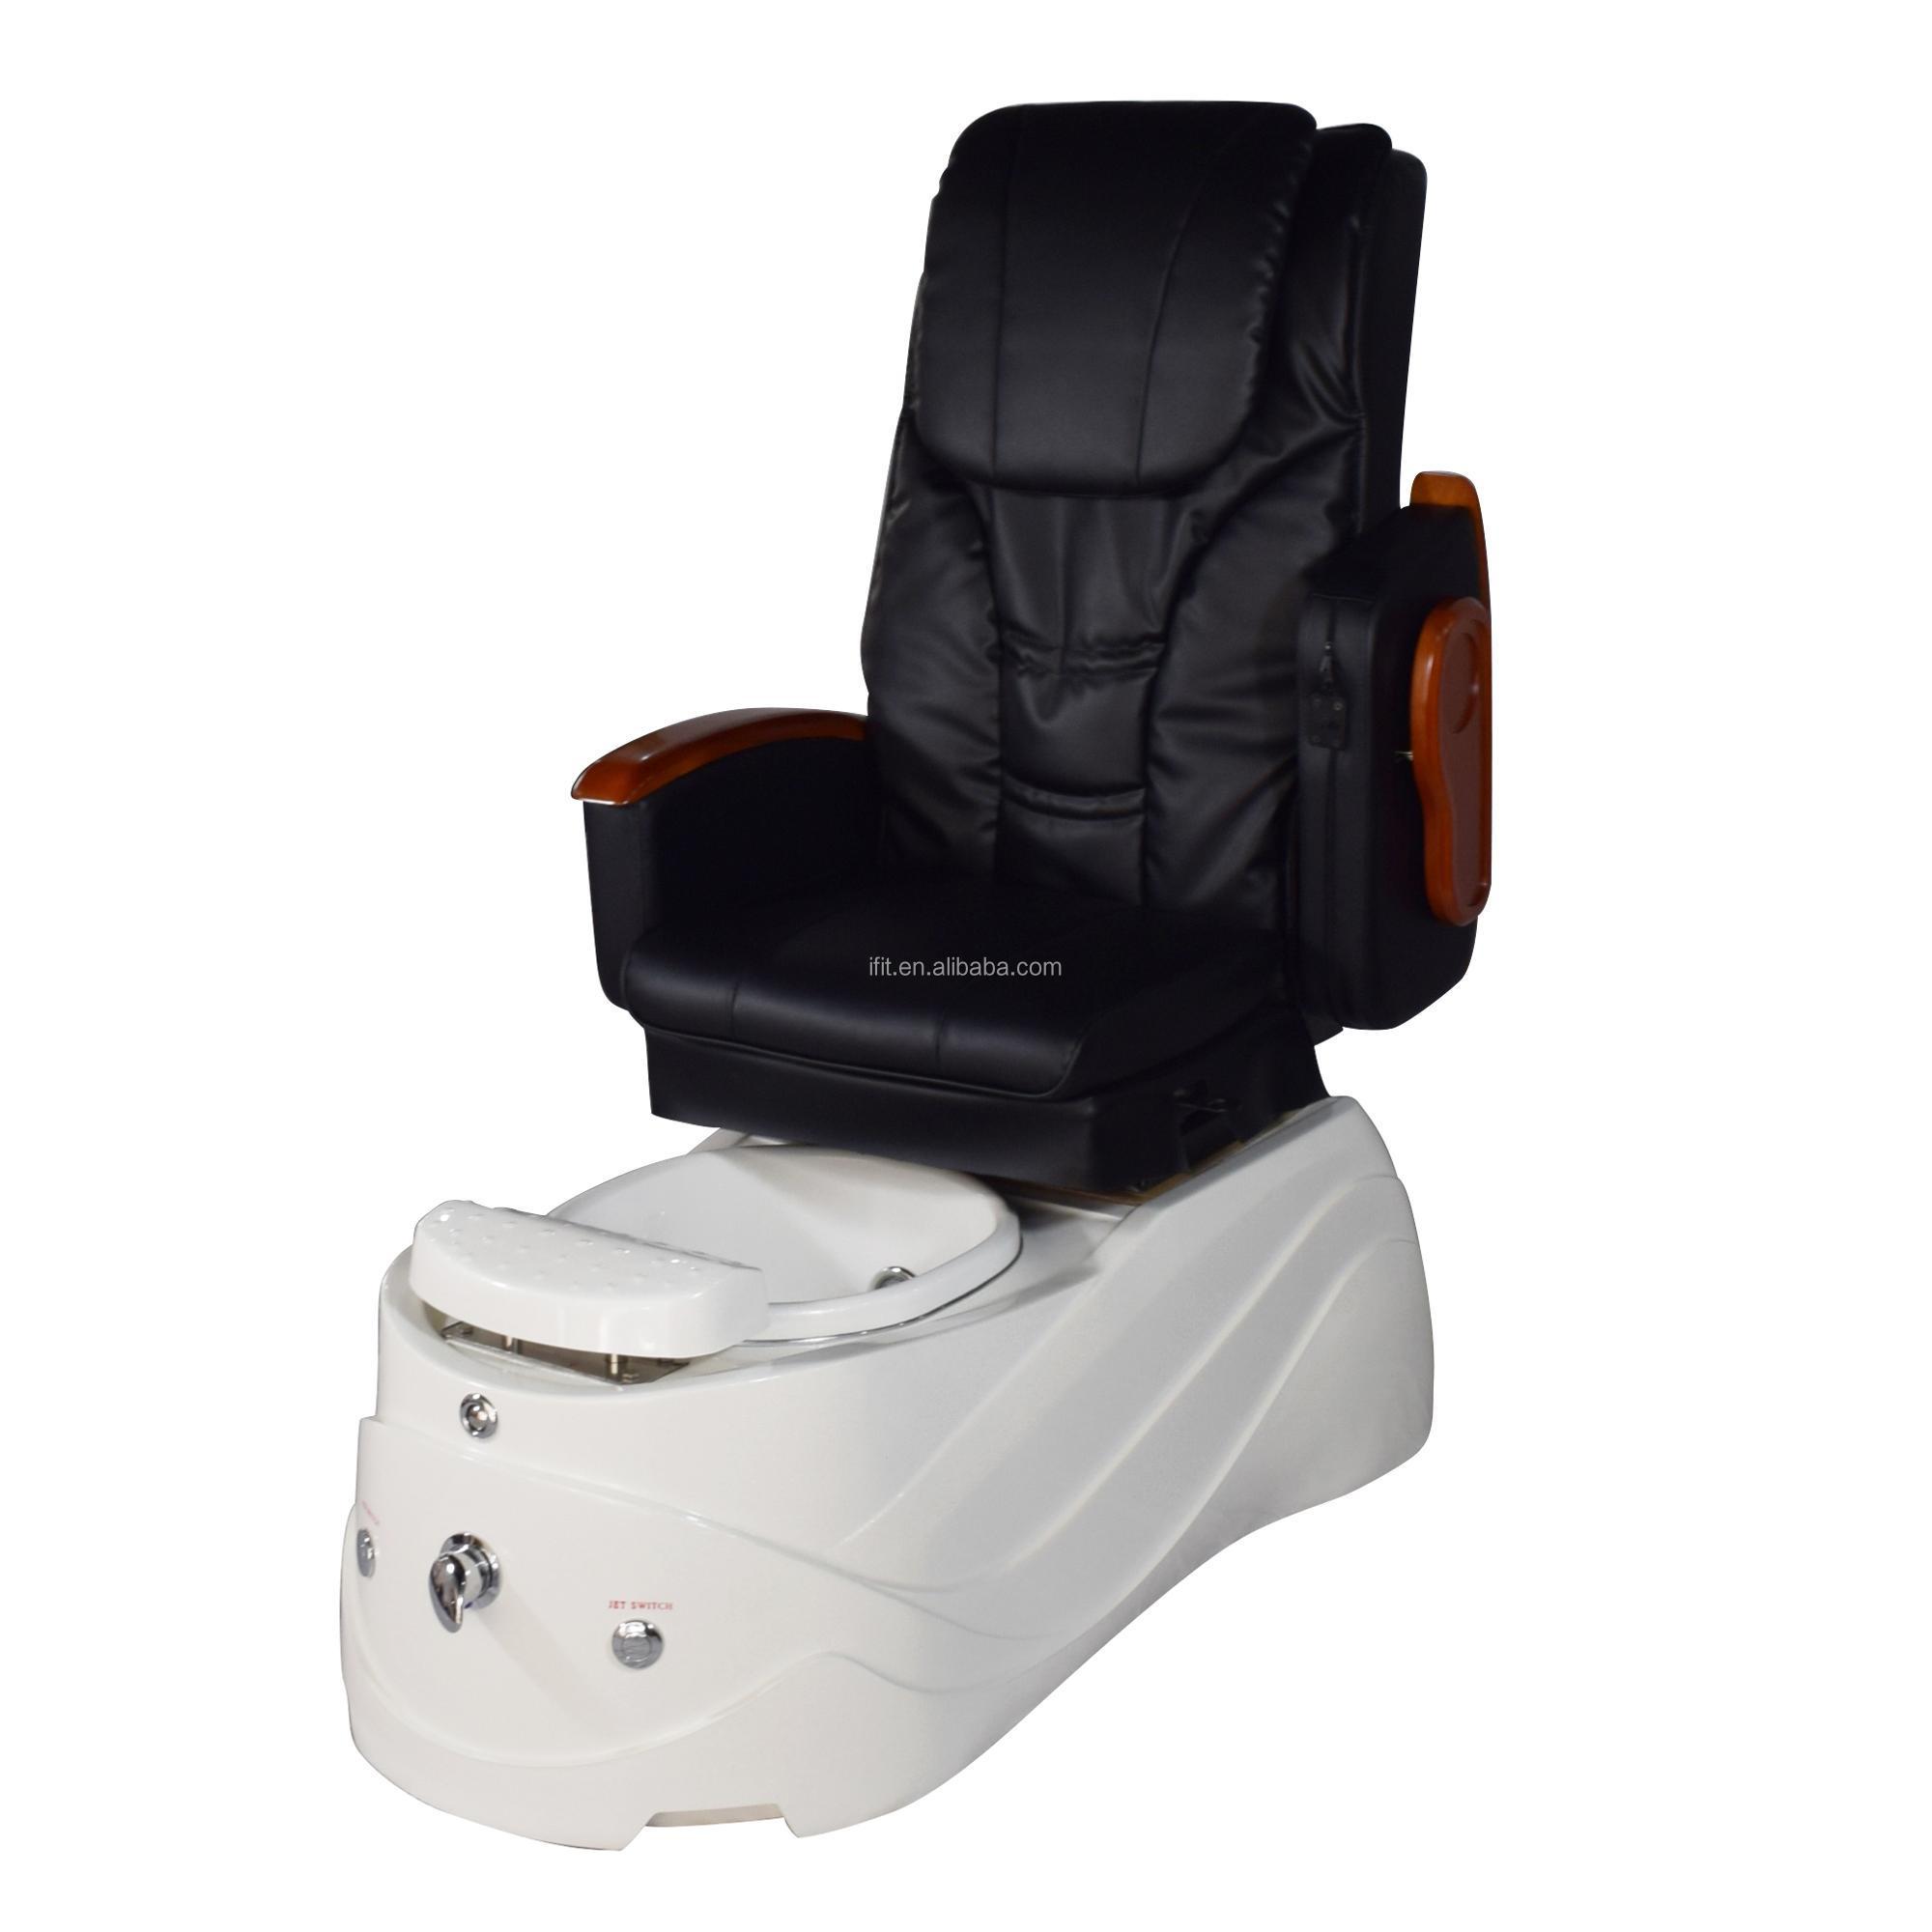 Cheap Pedicure Spa Chair Cheap Pedicure Spa Chair Suppliers and